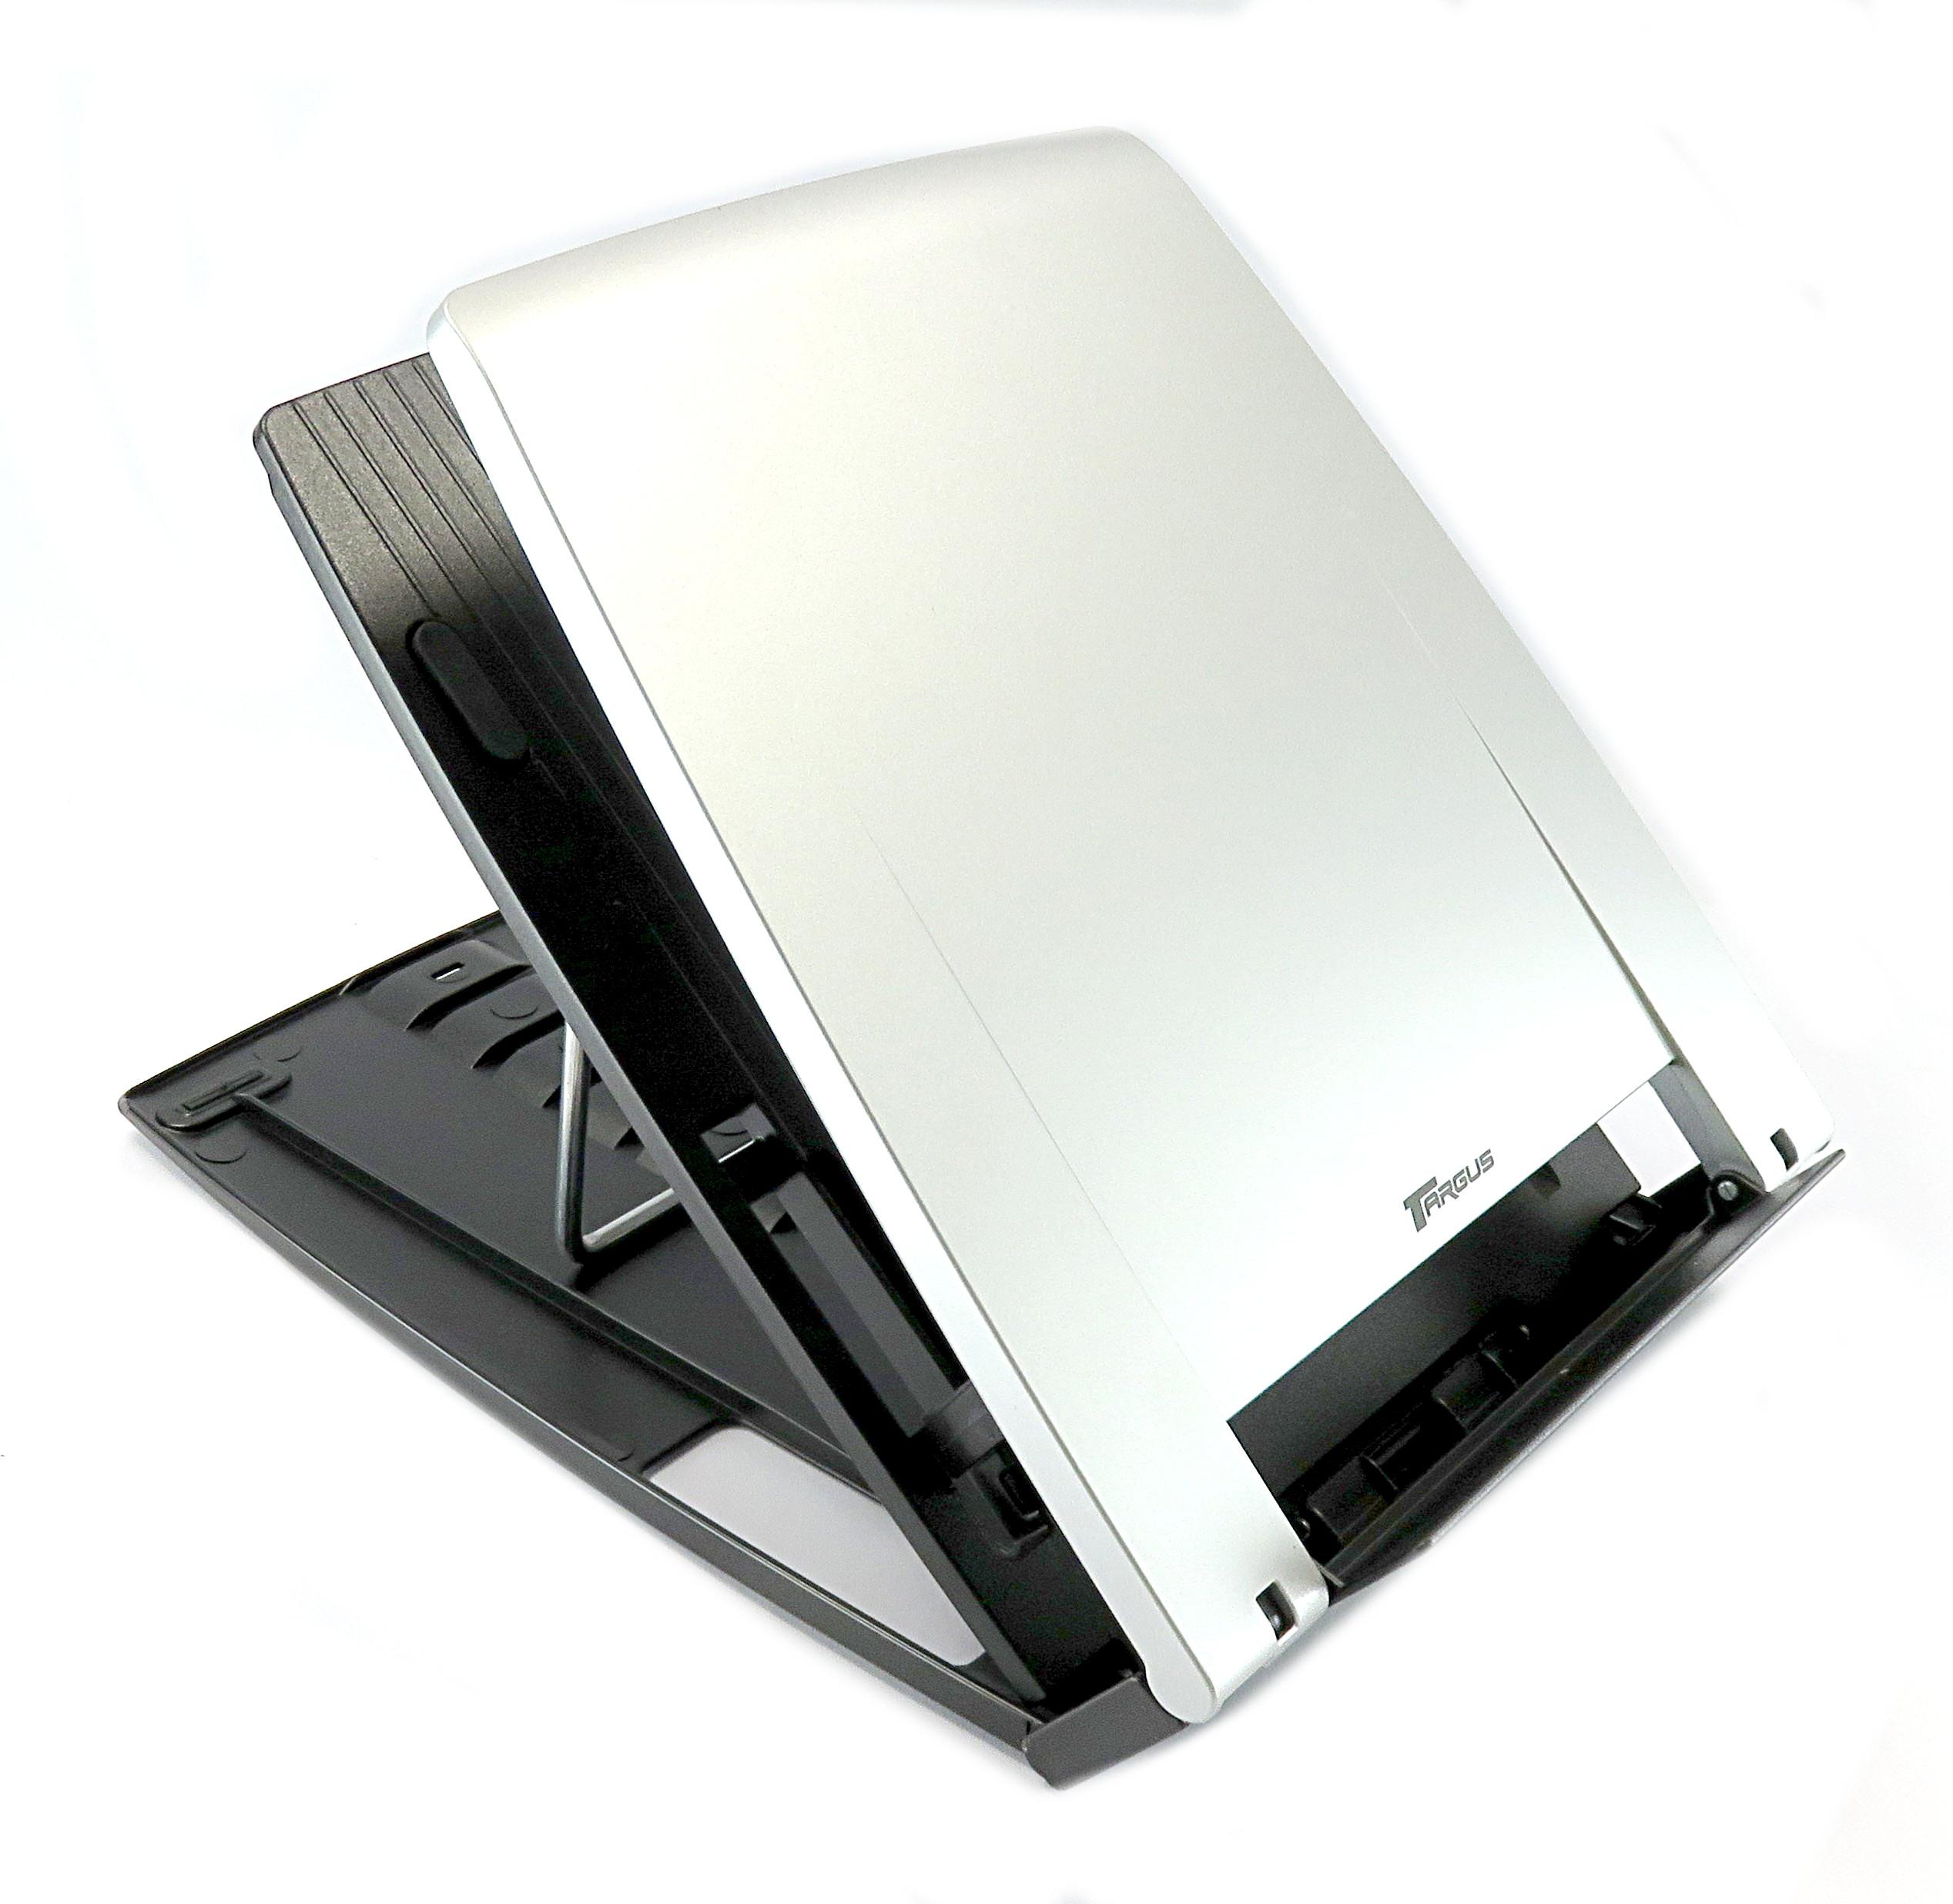 Targus AWE04EU Ergo M-Pro Notebook Stand